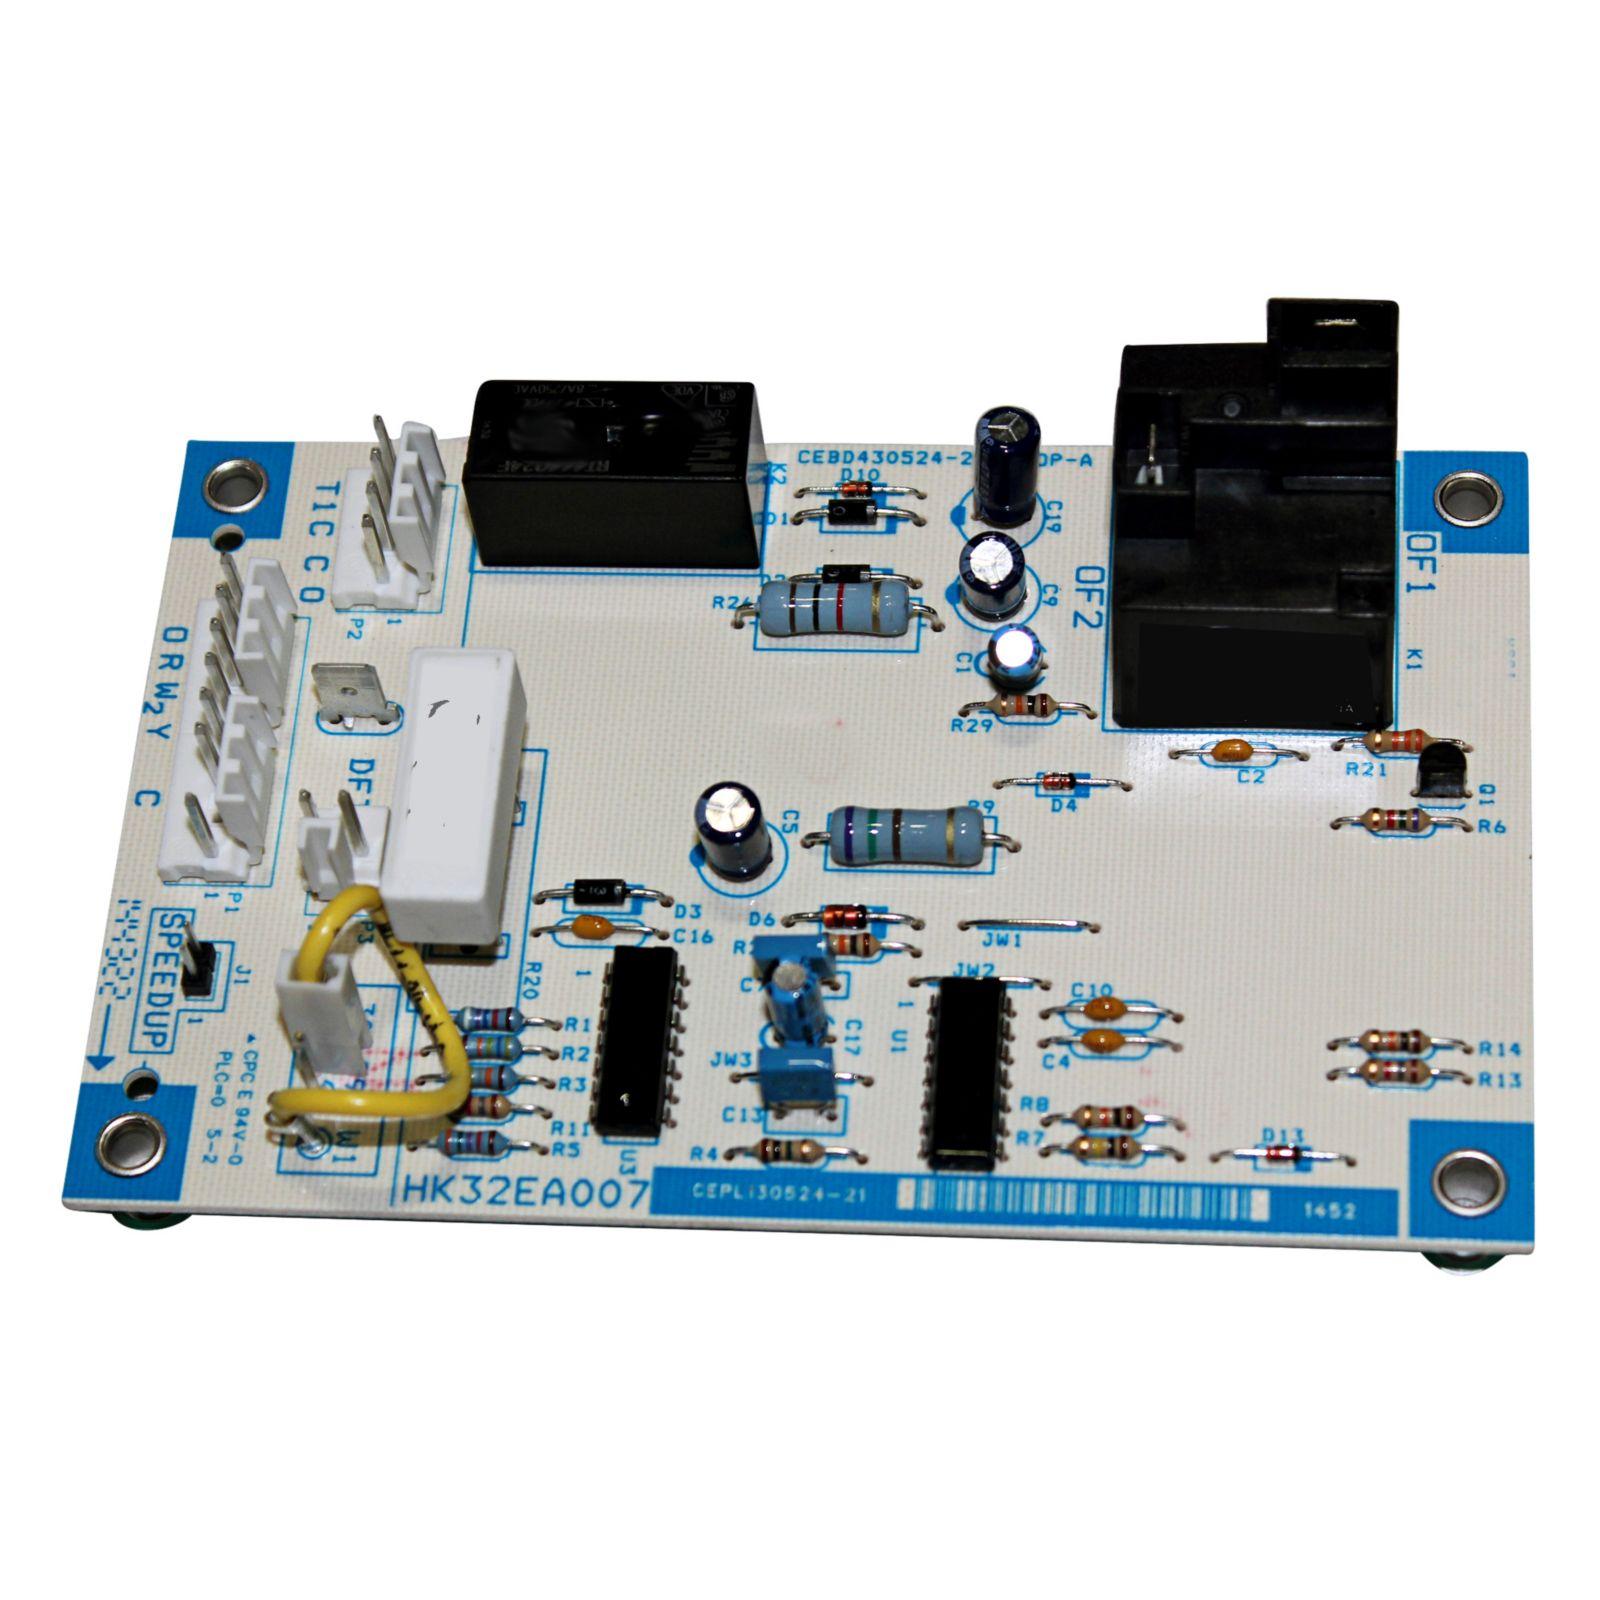 Rcd Parts Hd42ar235 Direct Drive Ecm Motors Carrier Hvac Of A Circuit Board Factory Authorized Hk32ea007 Defrost